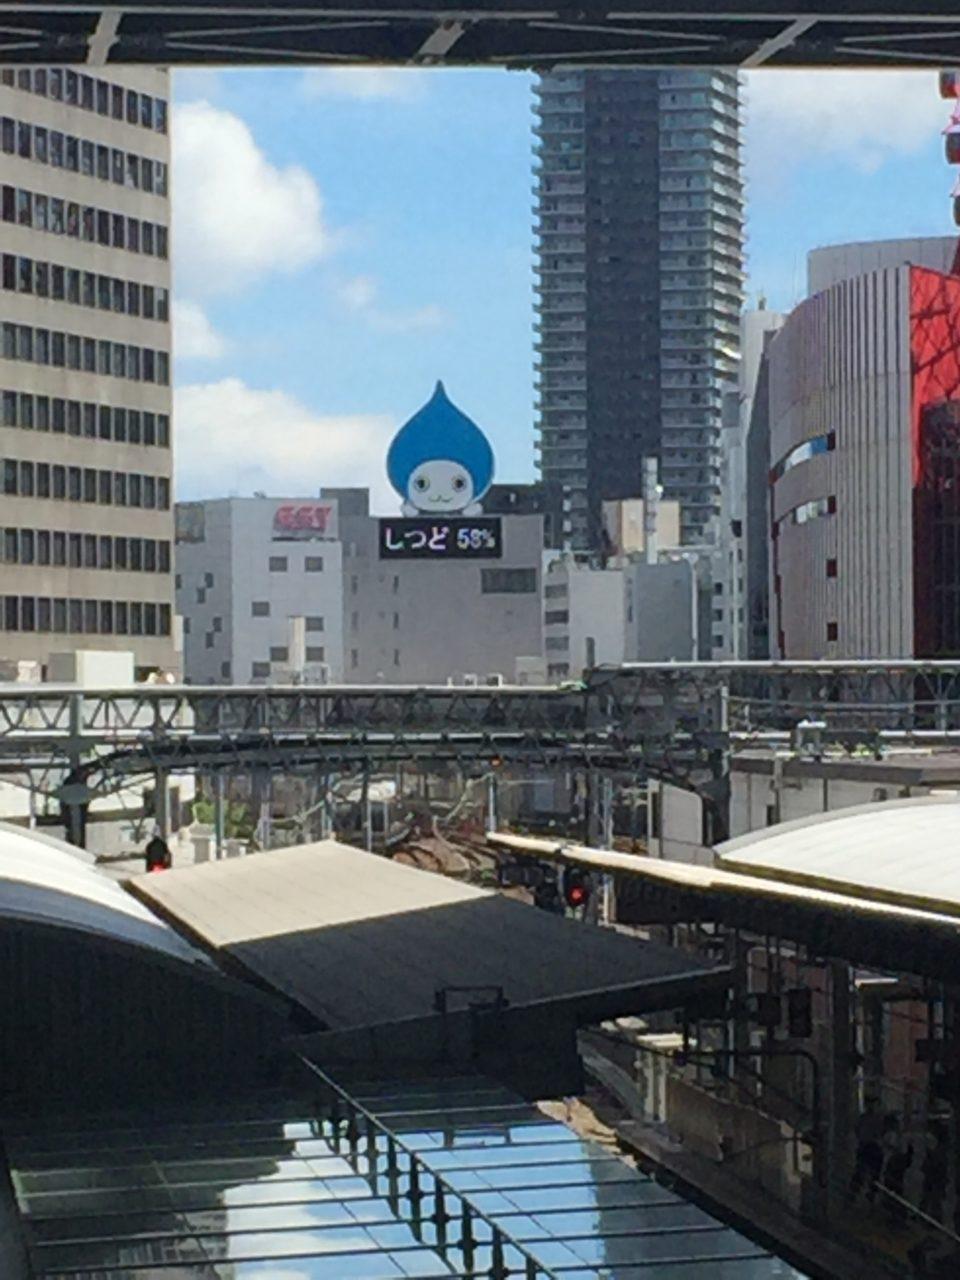 町でみつけたおもしろ看板、おしゃれ看板  ~ 大阪大型看板編 ~